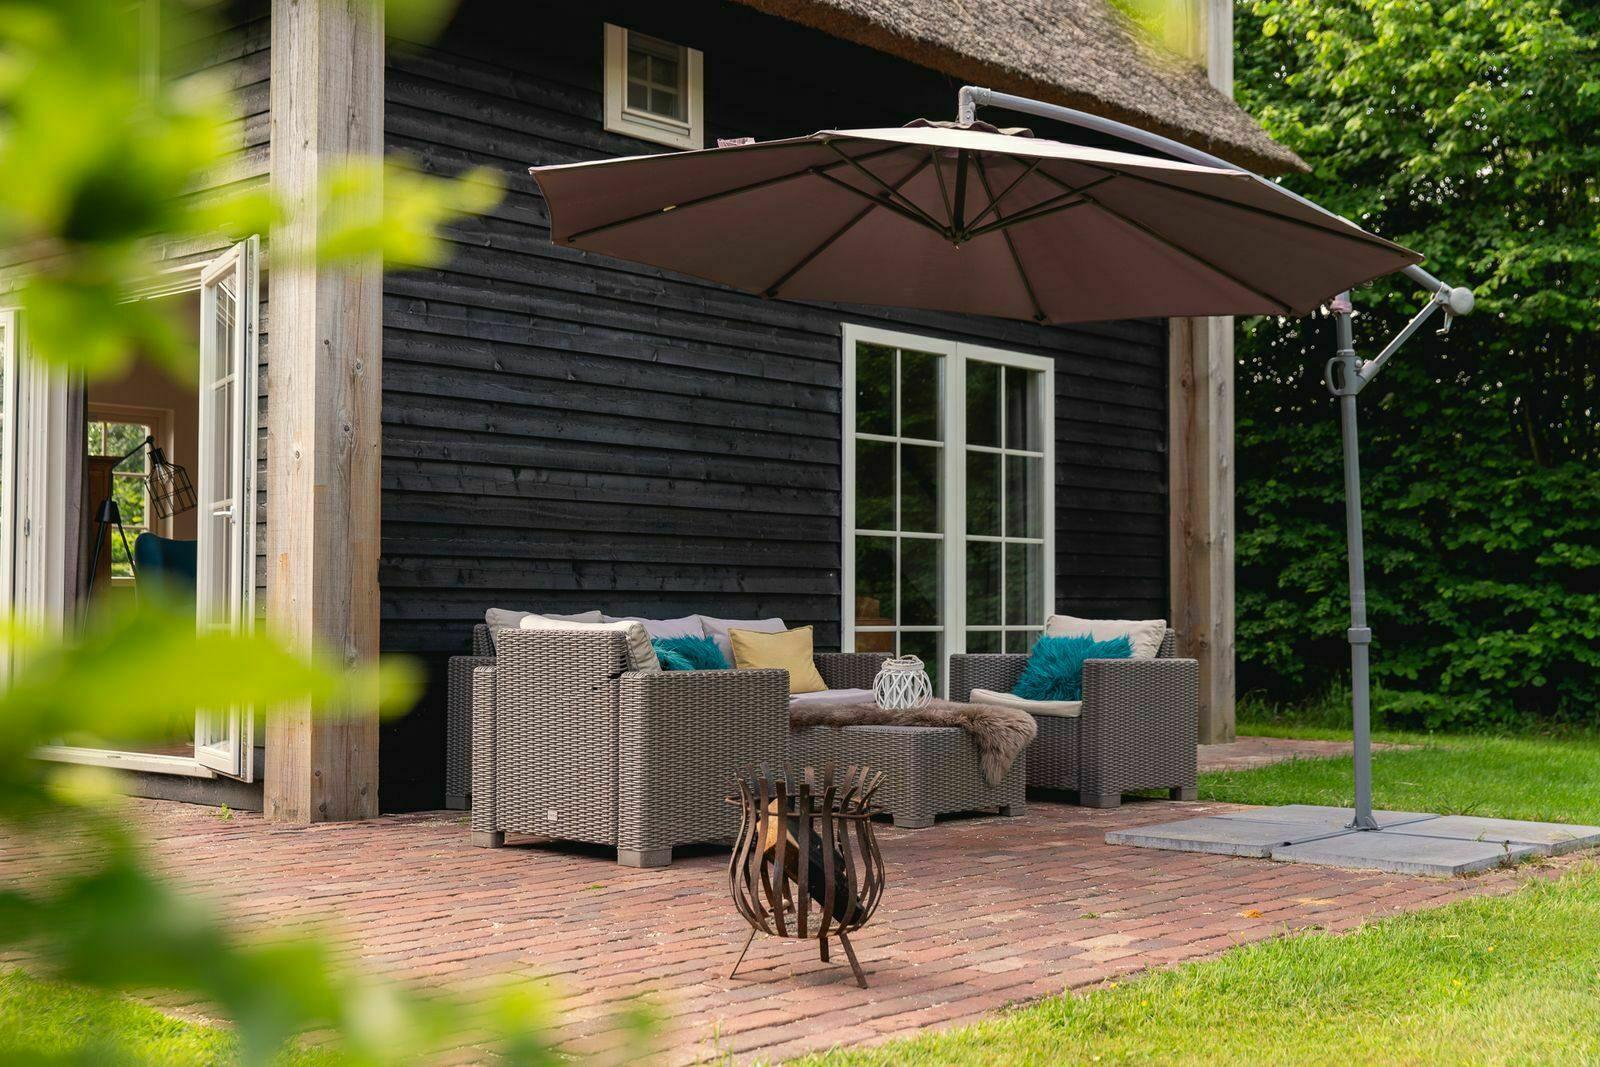 Reggestreek Wandel4daagse 2022 van 18 juni tot 25 juni, verblijf een week in een luxe accommodatie met halfpension